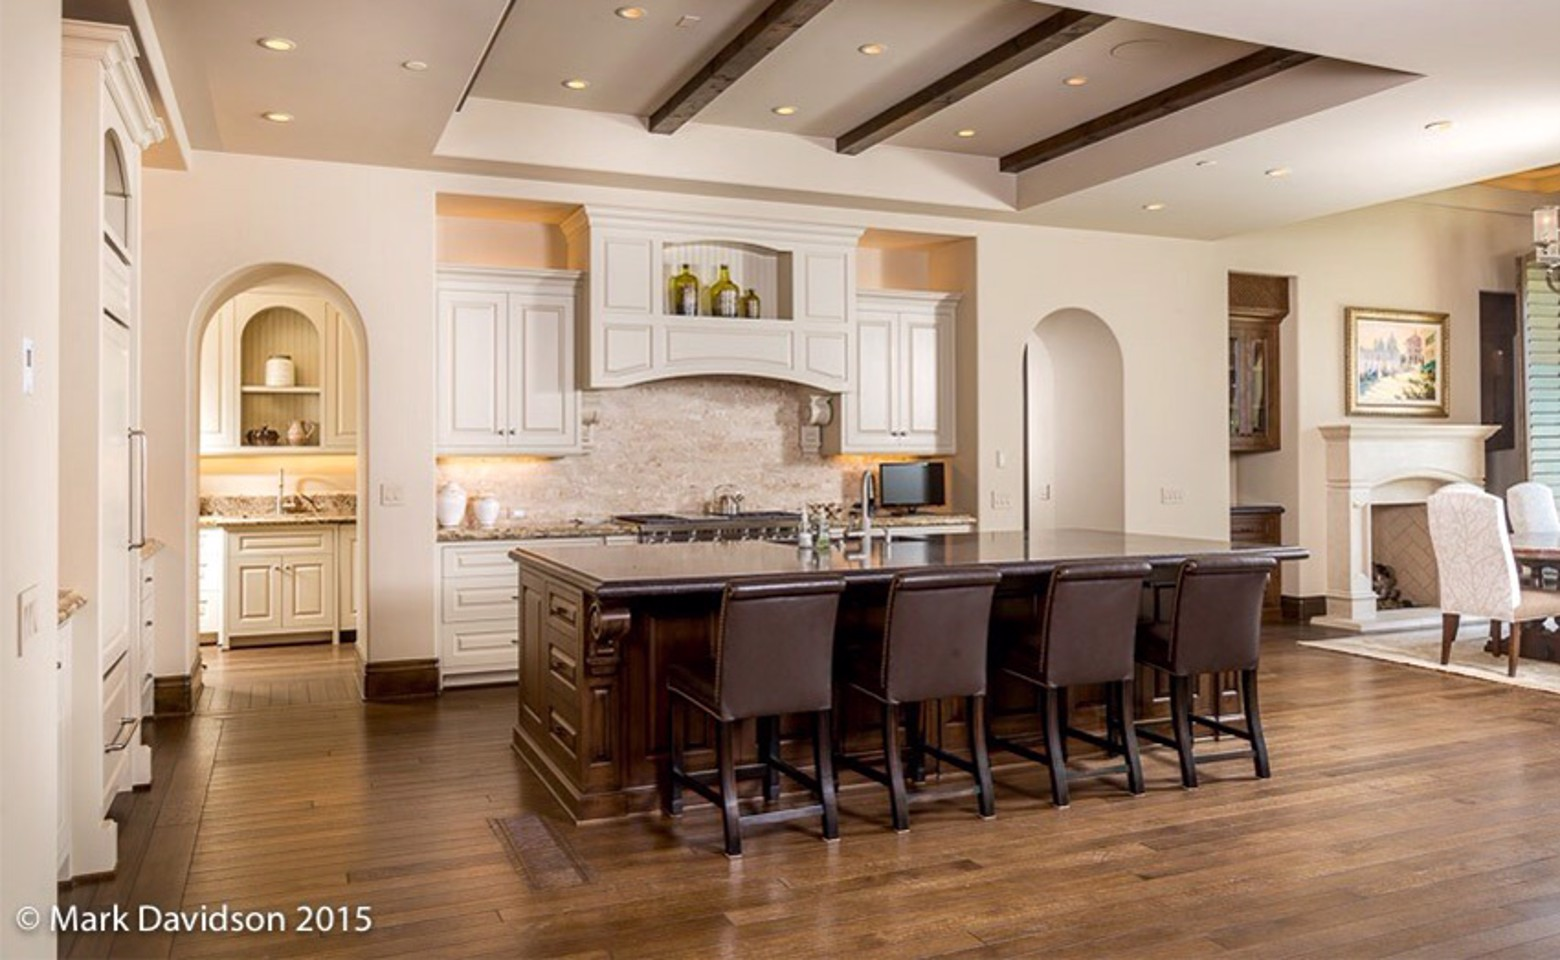 kitchen_resized-1.jpg image